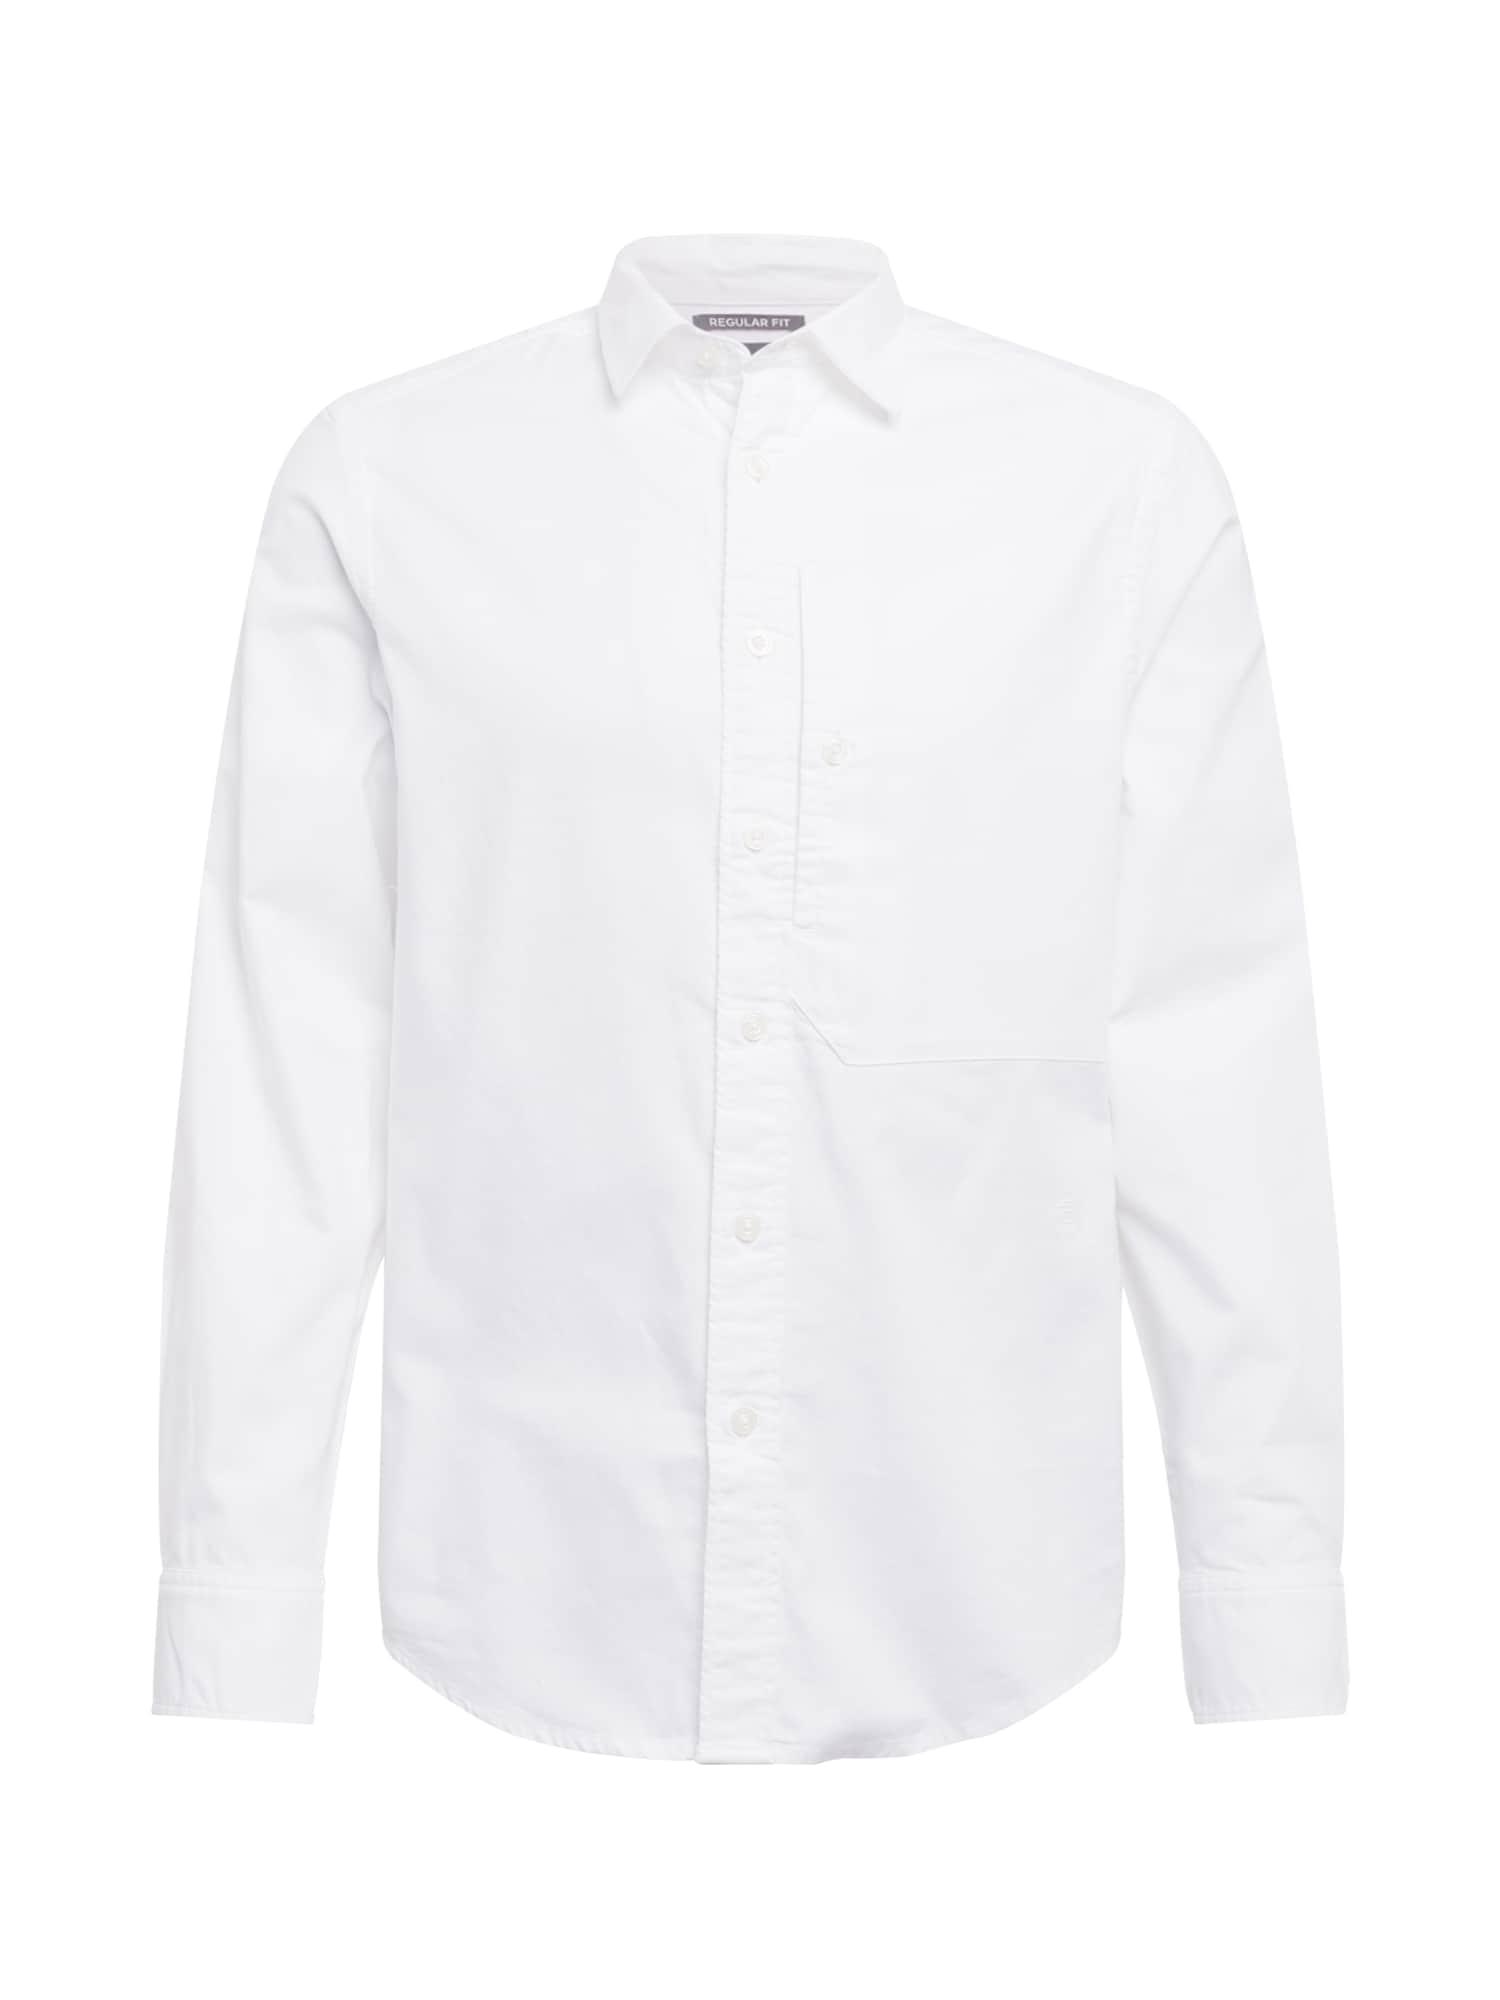 G-Star RAW Dalykinio stiliaus marškiniai